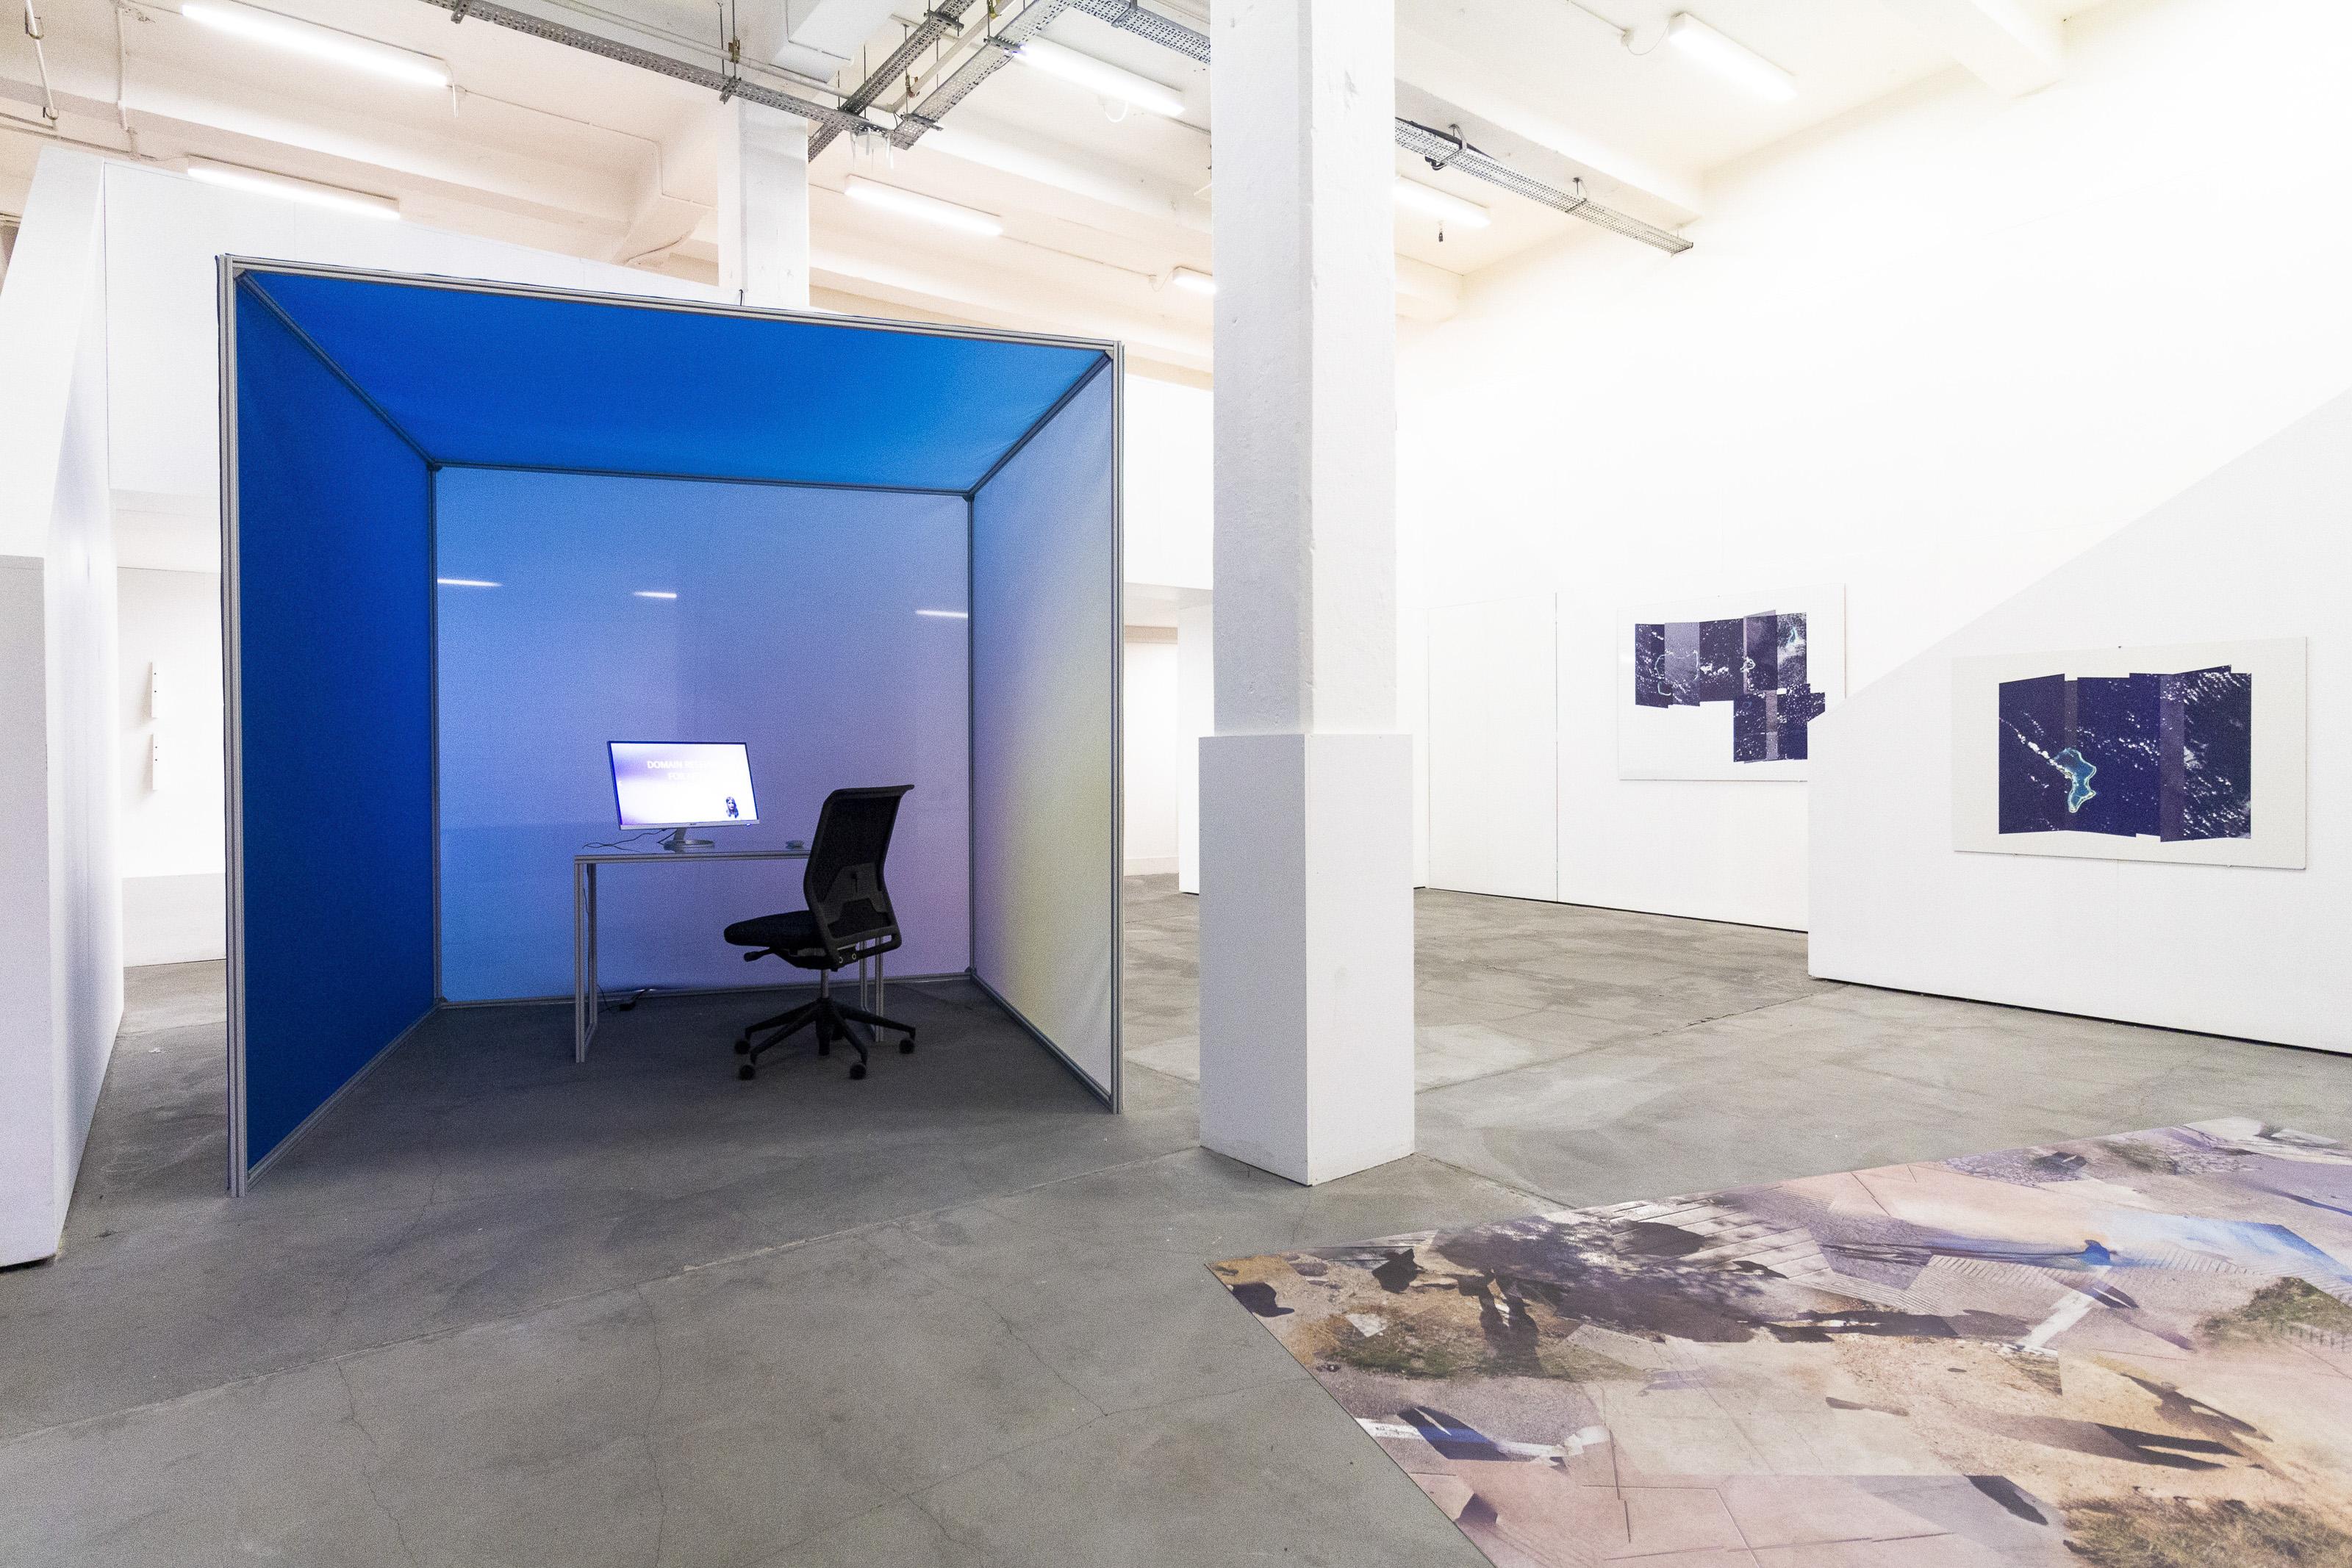 """Johanna Flato, """"DRAFTx.IO"""" installation view, Harlesden High Street, London, 2019 (photo courtesy of Johanna Flato)"""